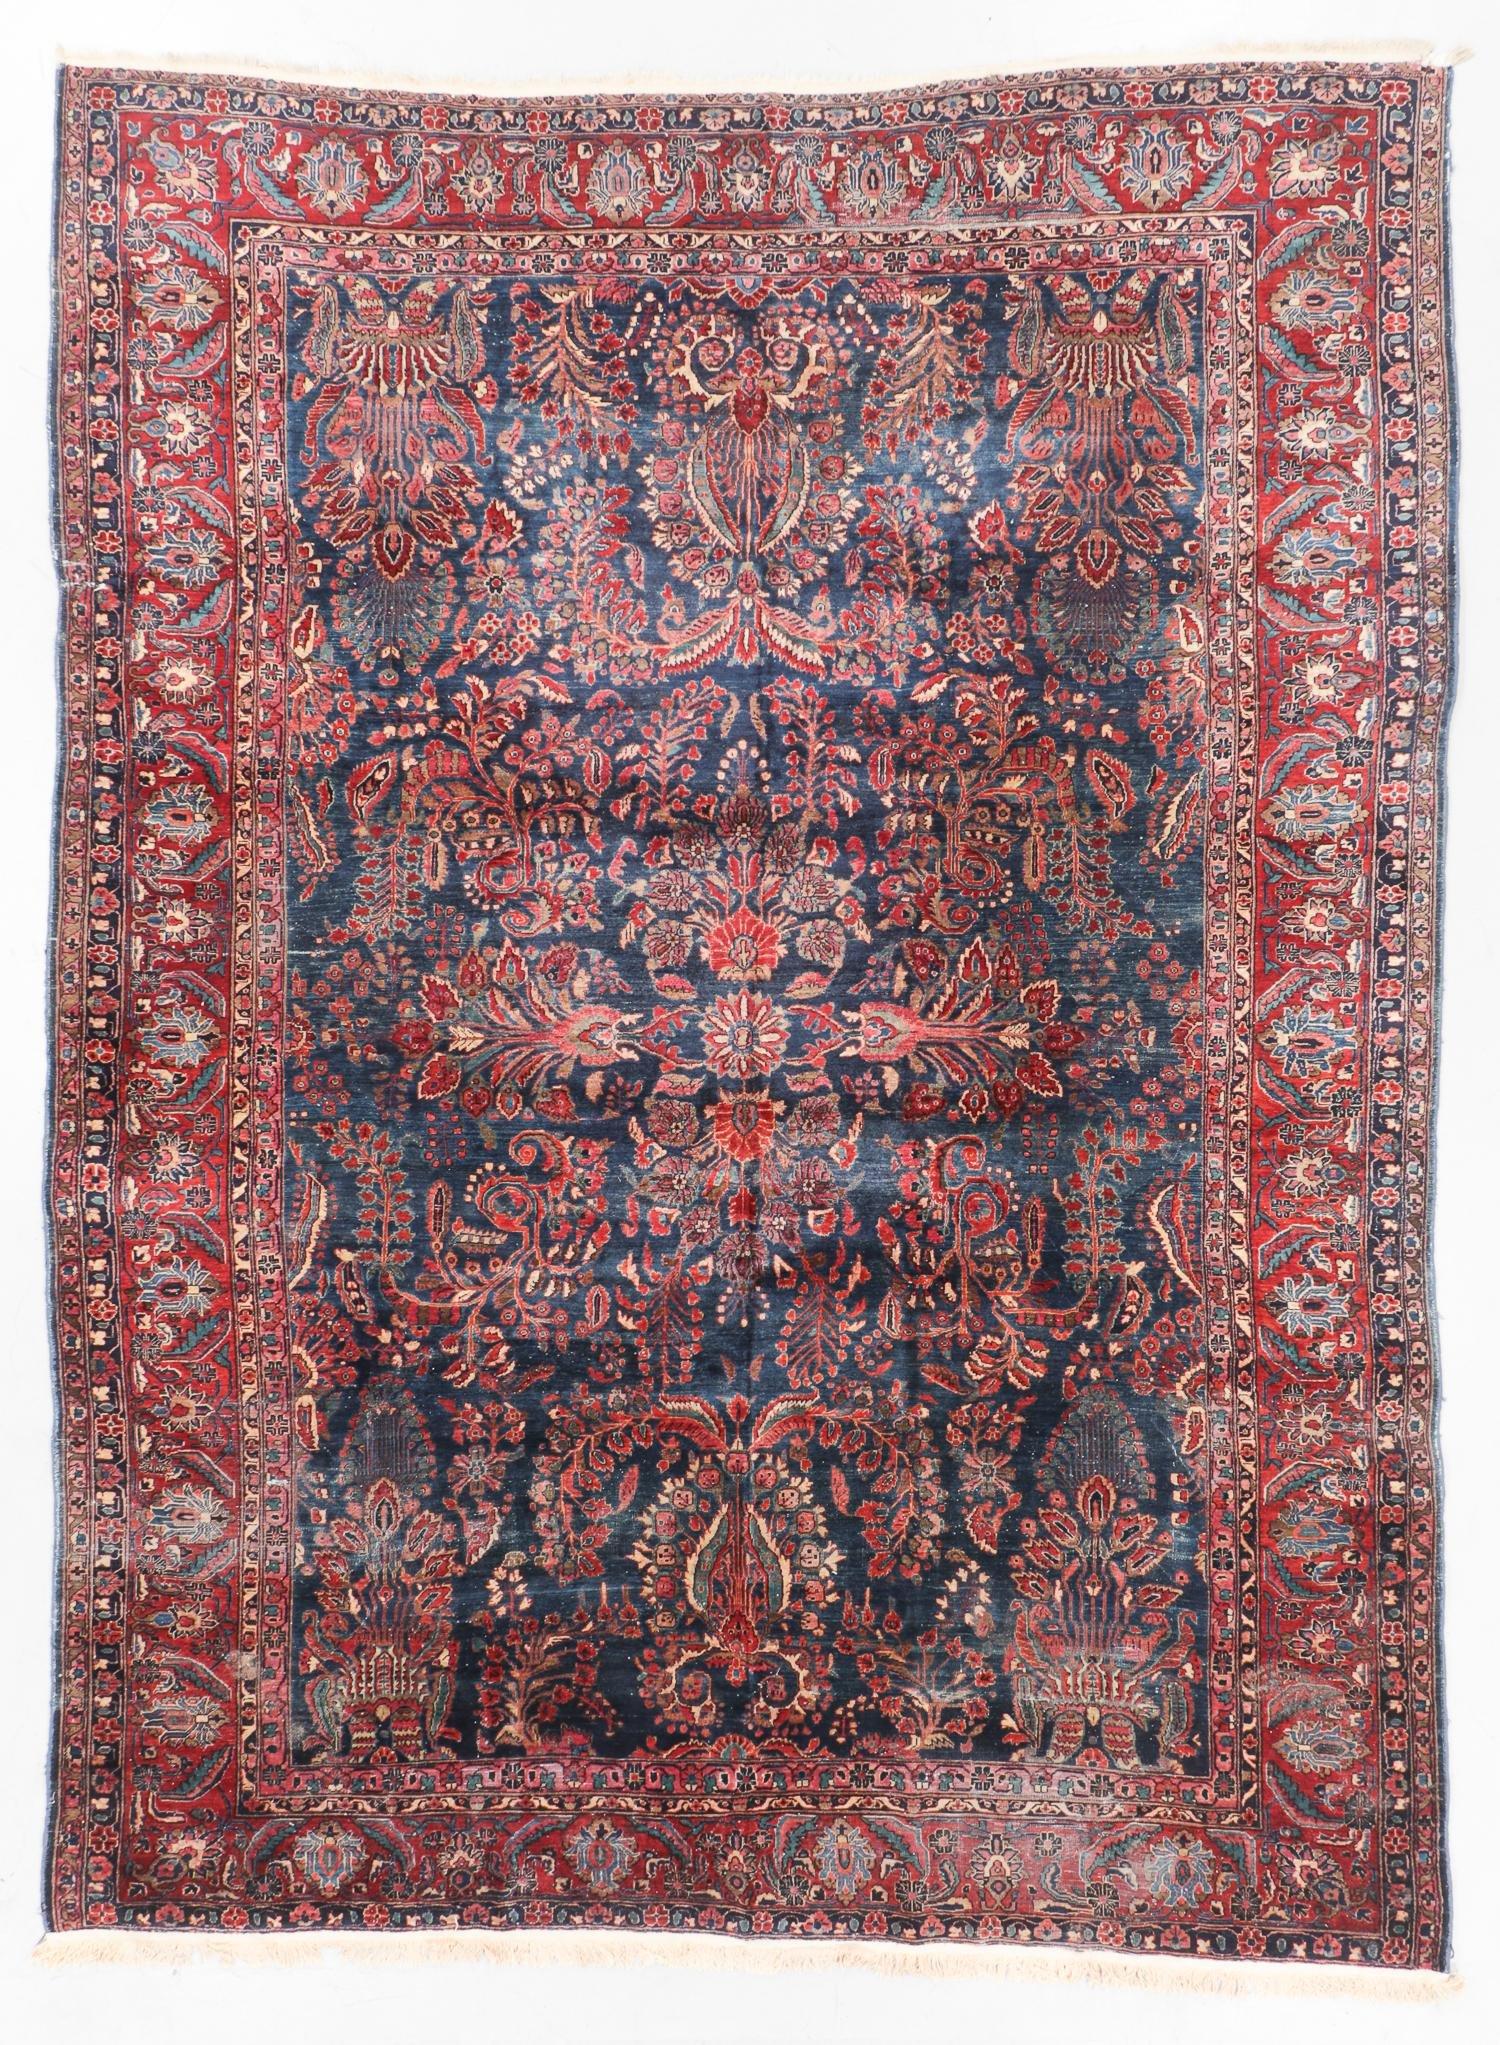 Antique Sarouk Rug, Persia: 8'9'' x 11'9''